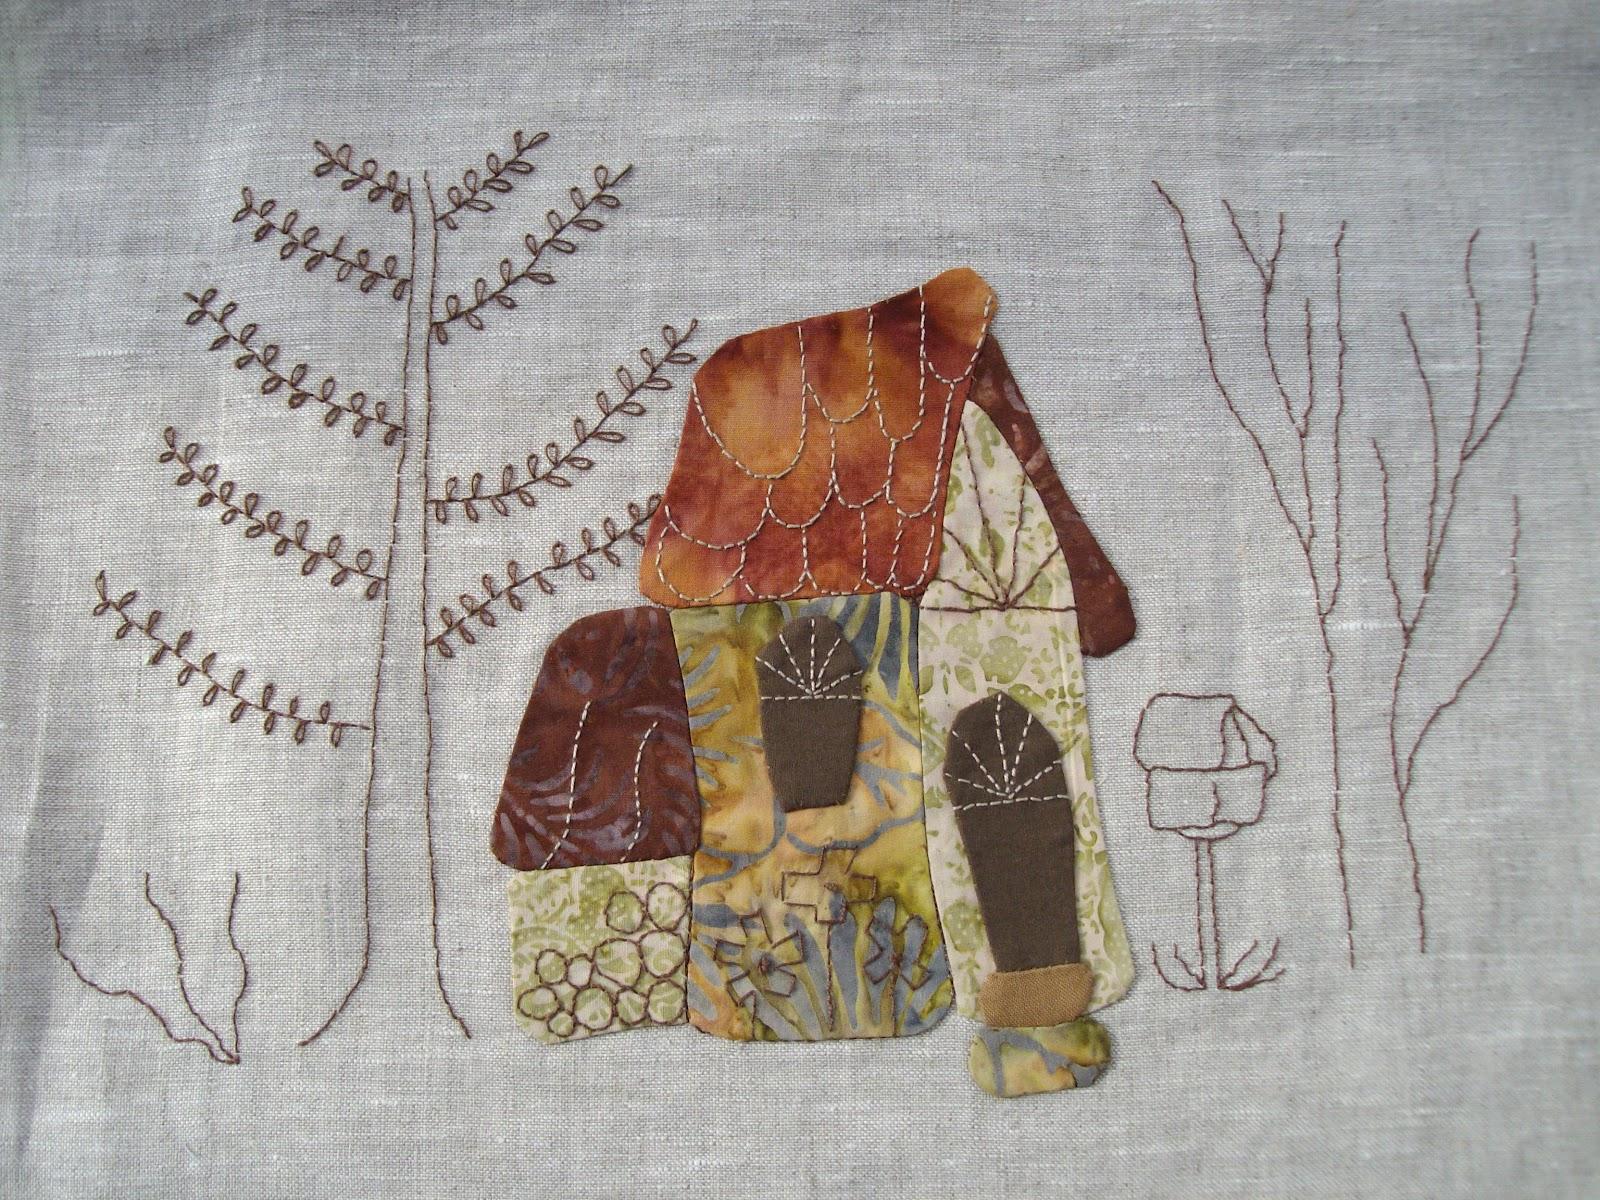 El taller de maite cuadro de eva gustems - Patrones casas patchwork ...